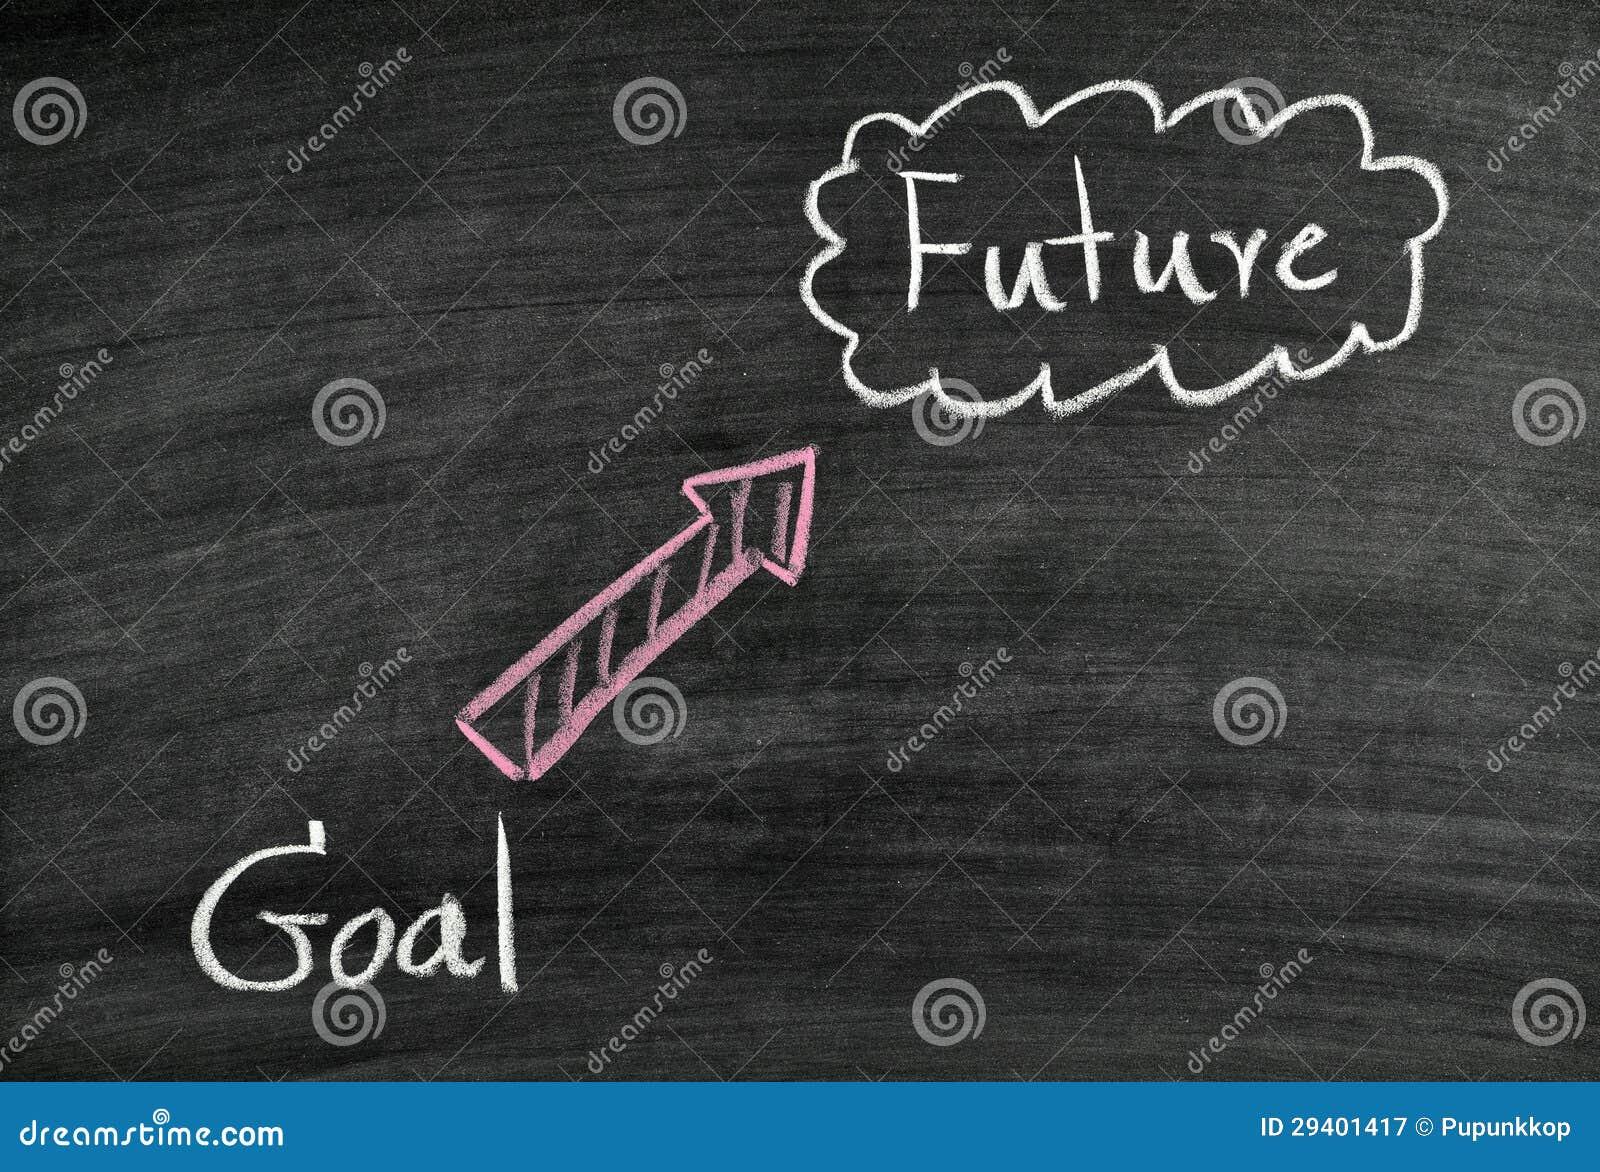 Goal and future on blackboard